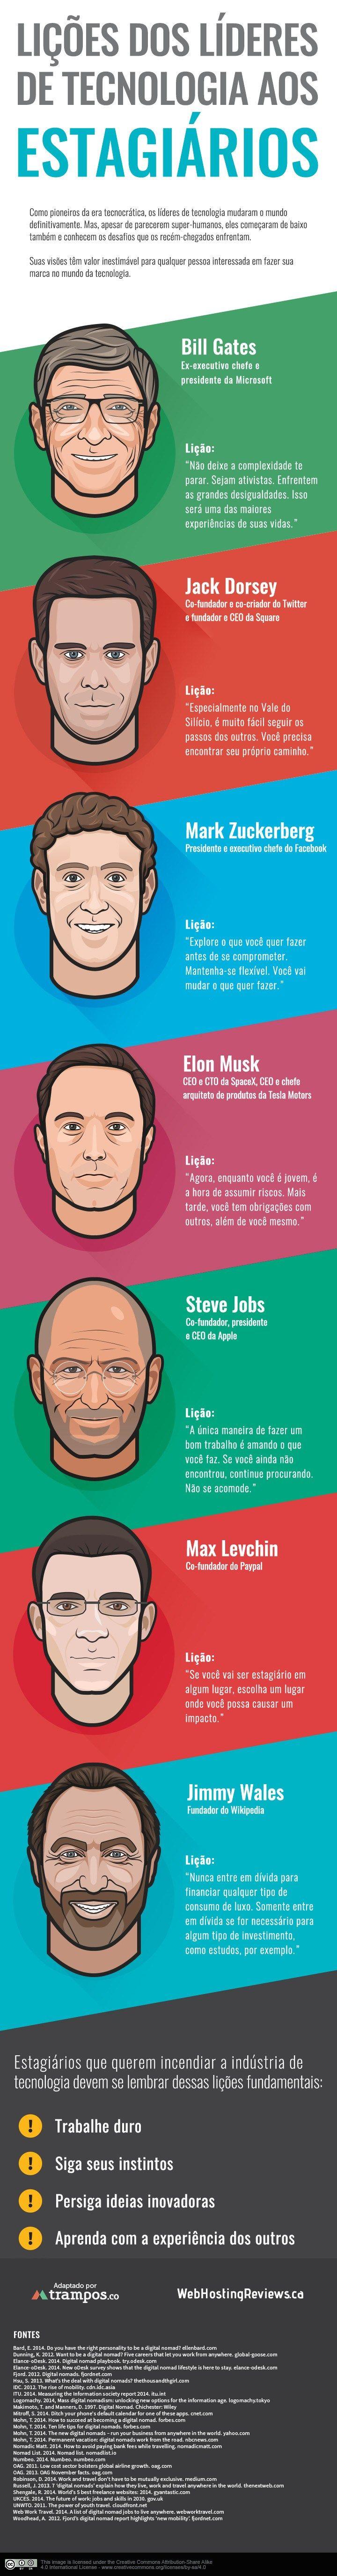 Fundadores de empresas globais têm muito a ensinar para quem está começando. Confira as lições aprendidas por grandes empreendedores.